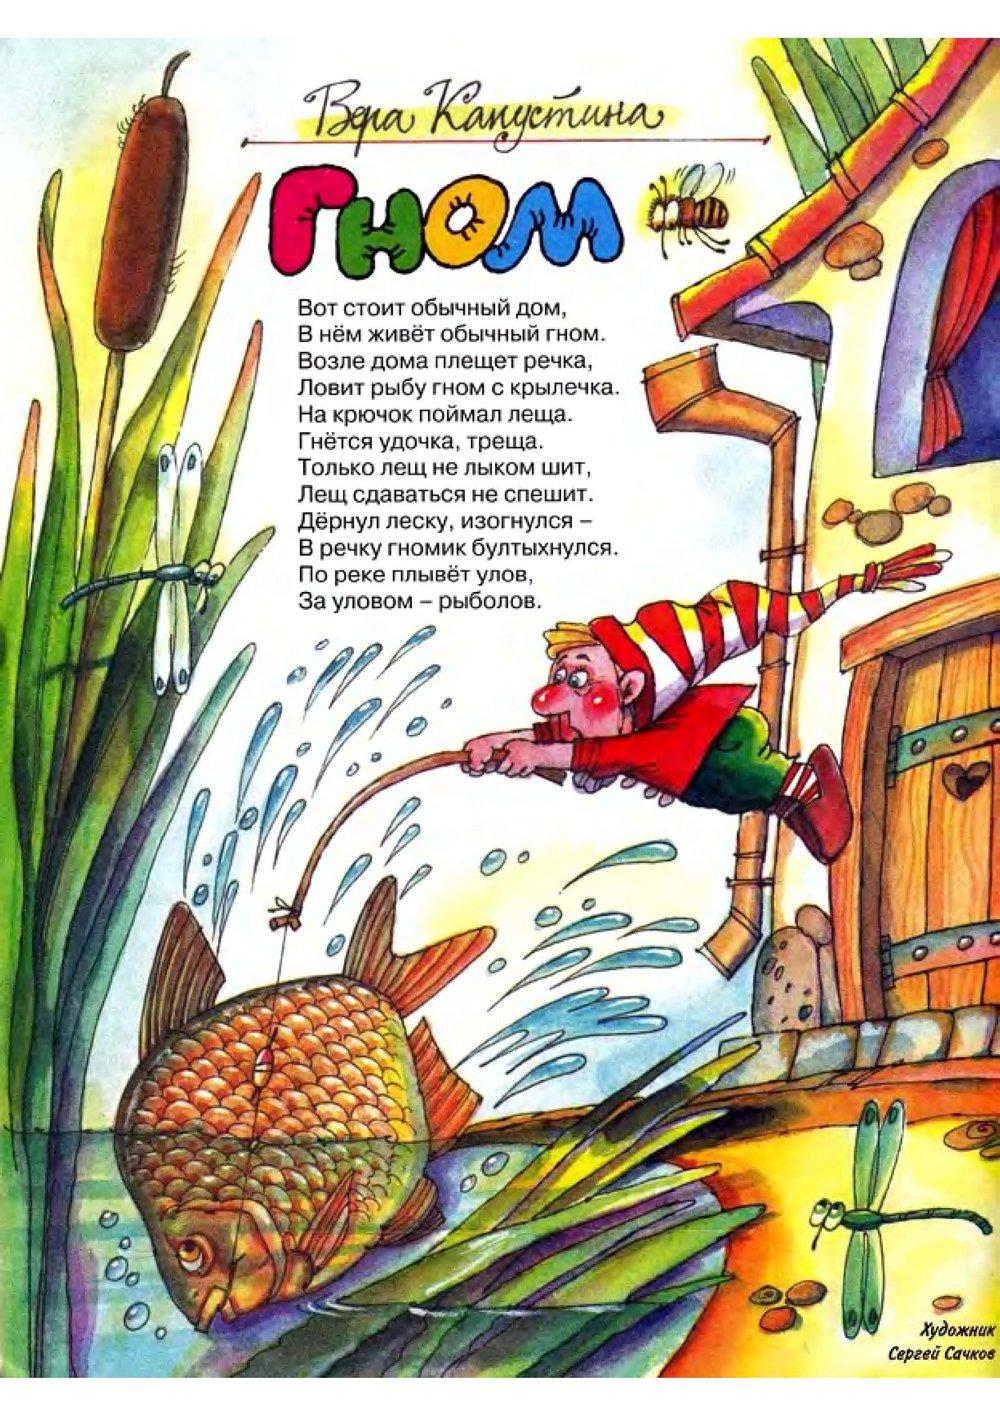 http://images.vfl.ru/ii/1367149446/4539b7c7/2237798.jpg